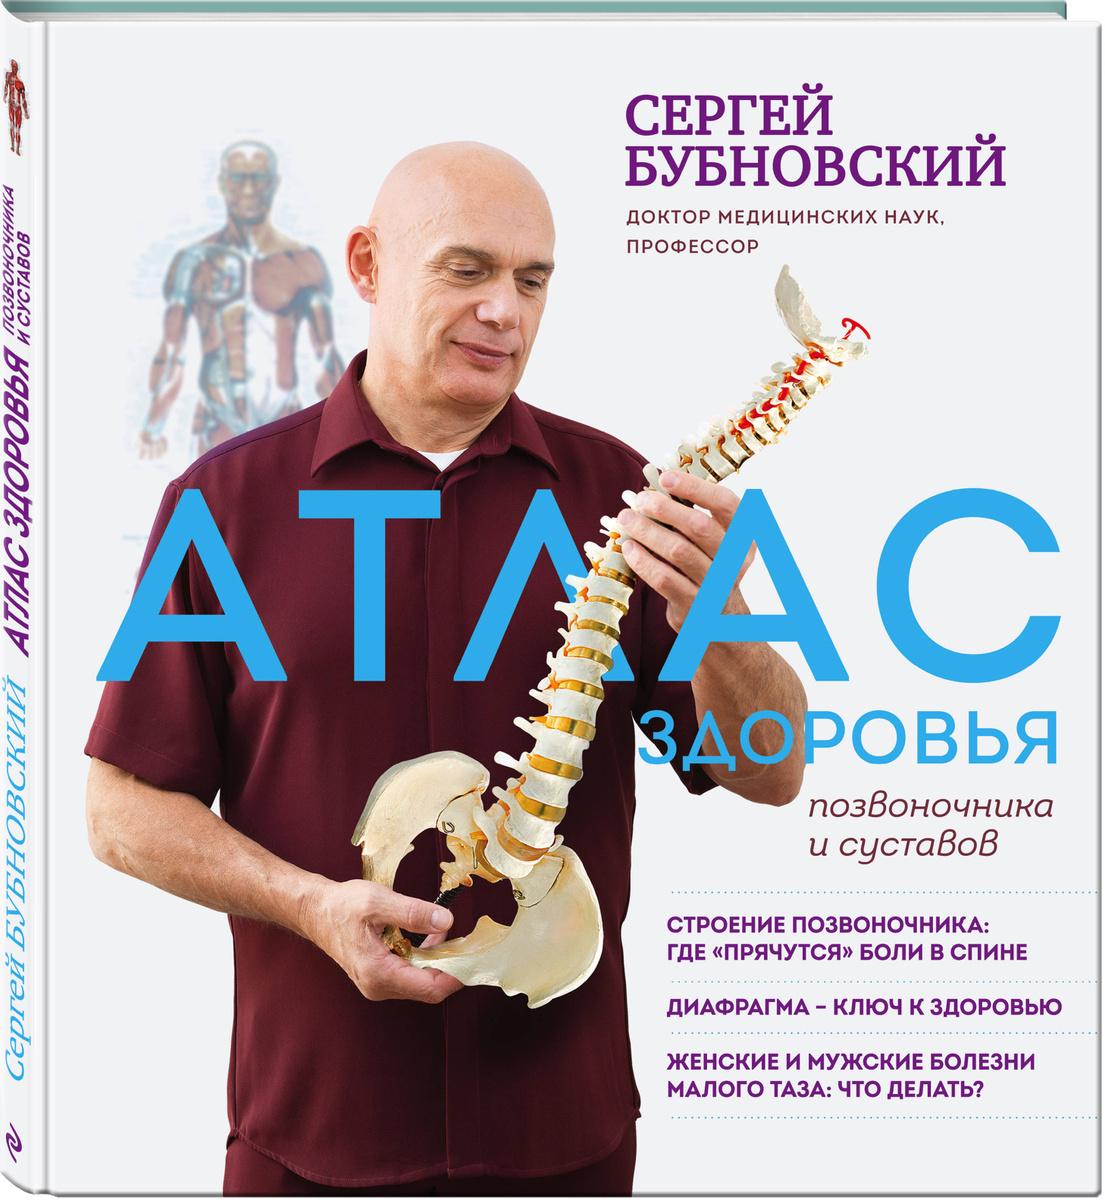 Атлас здоровья позвоночника и суставов | Бубновский Сергей Михайлович  #1